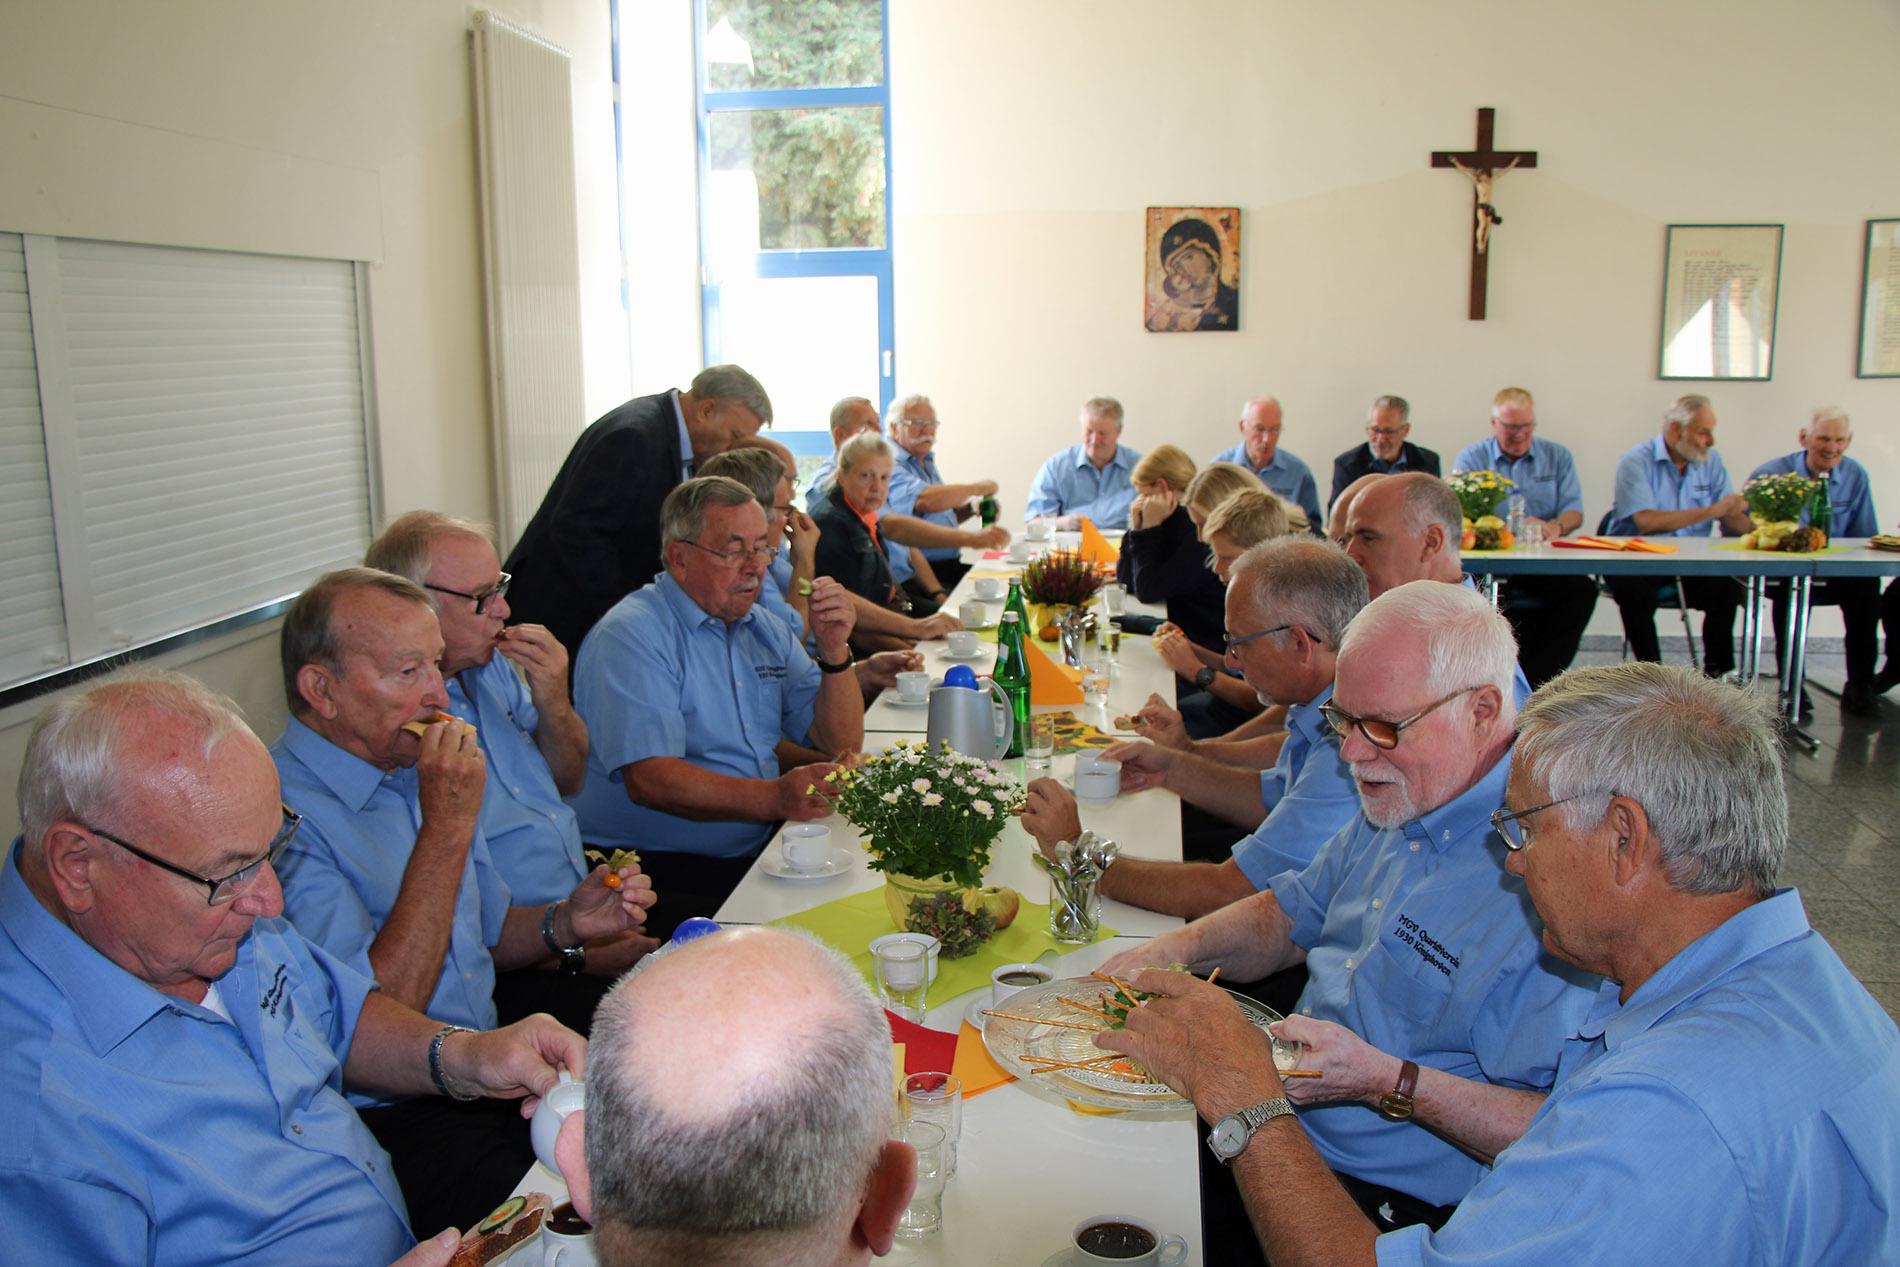 Im Anschluss wurden die Sänger und Chorleiterin im angrenzenden Pfarrheim herzlich empfangen.